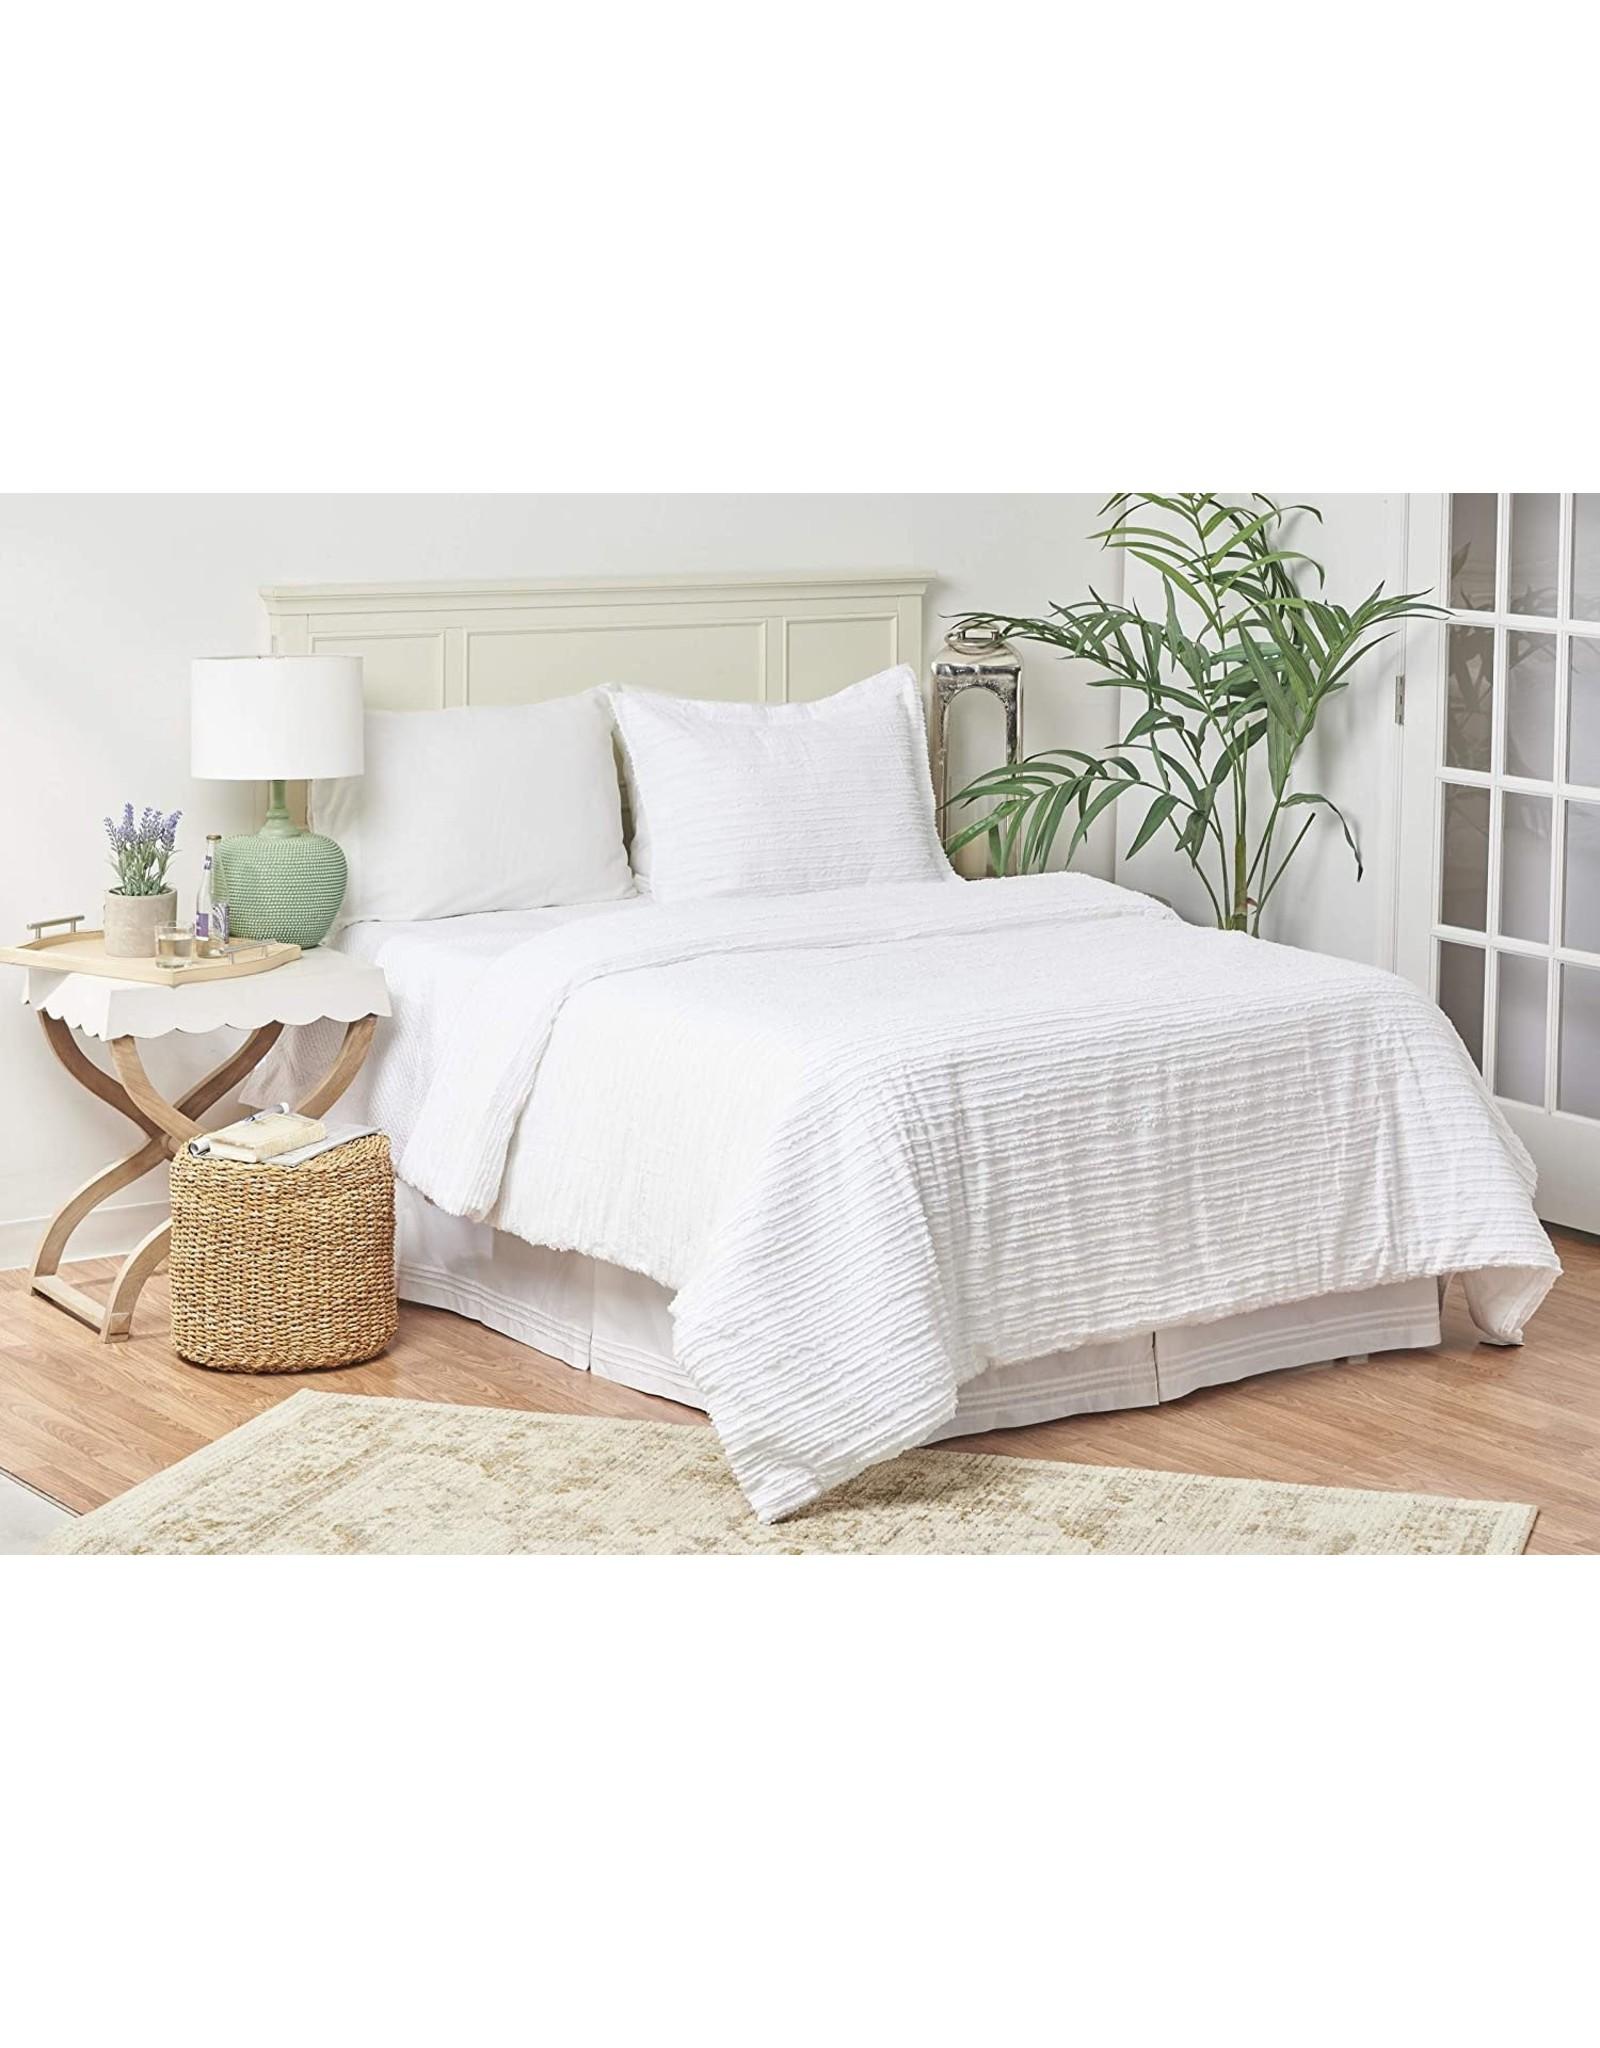 Quilt Set - Eyelashes White